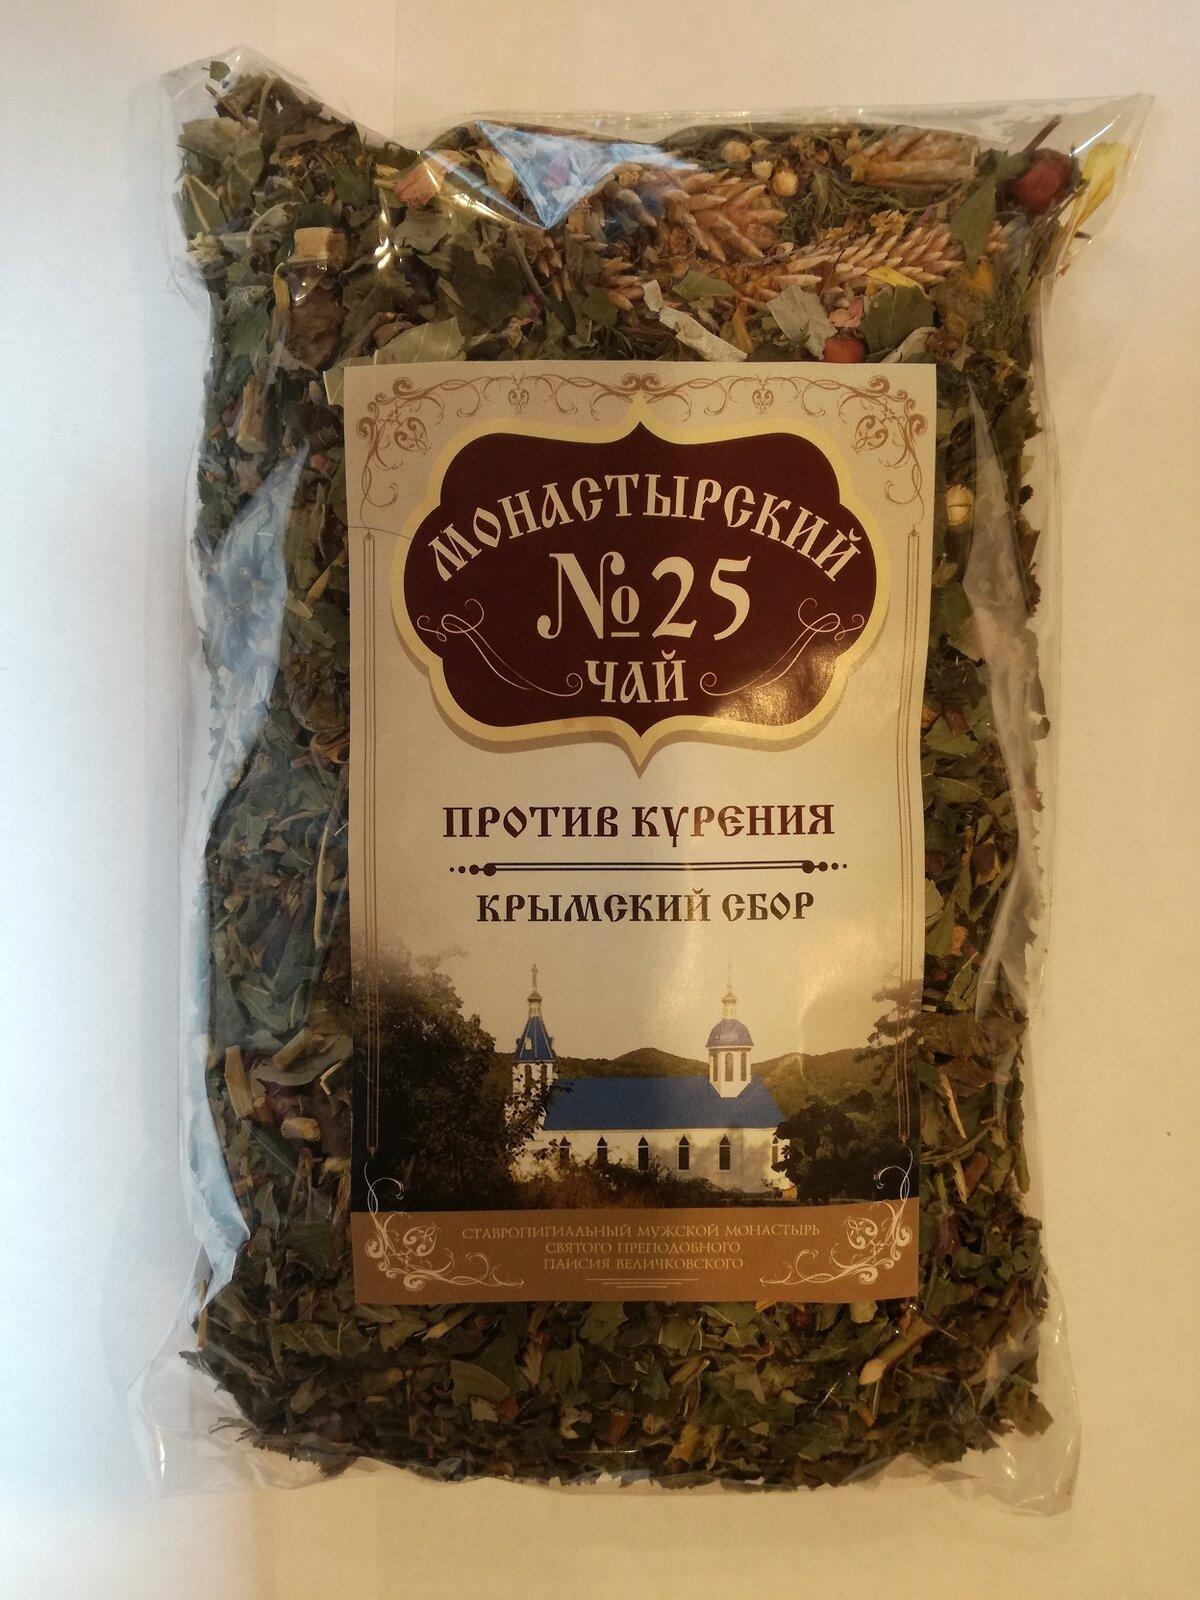 Монастырский чай от курения в Иркутске